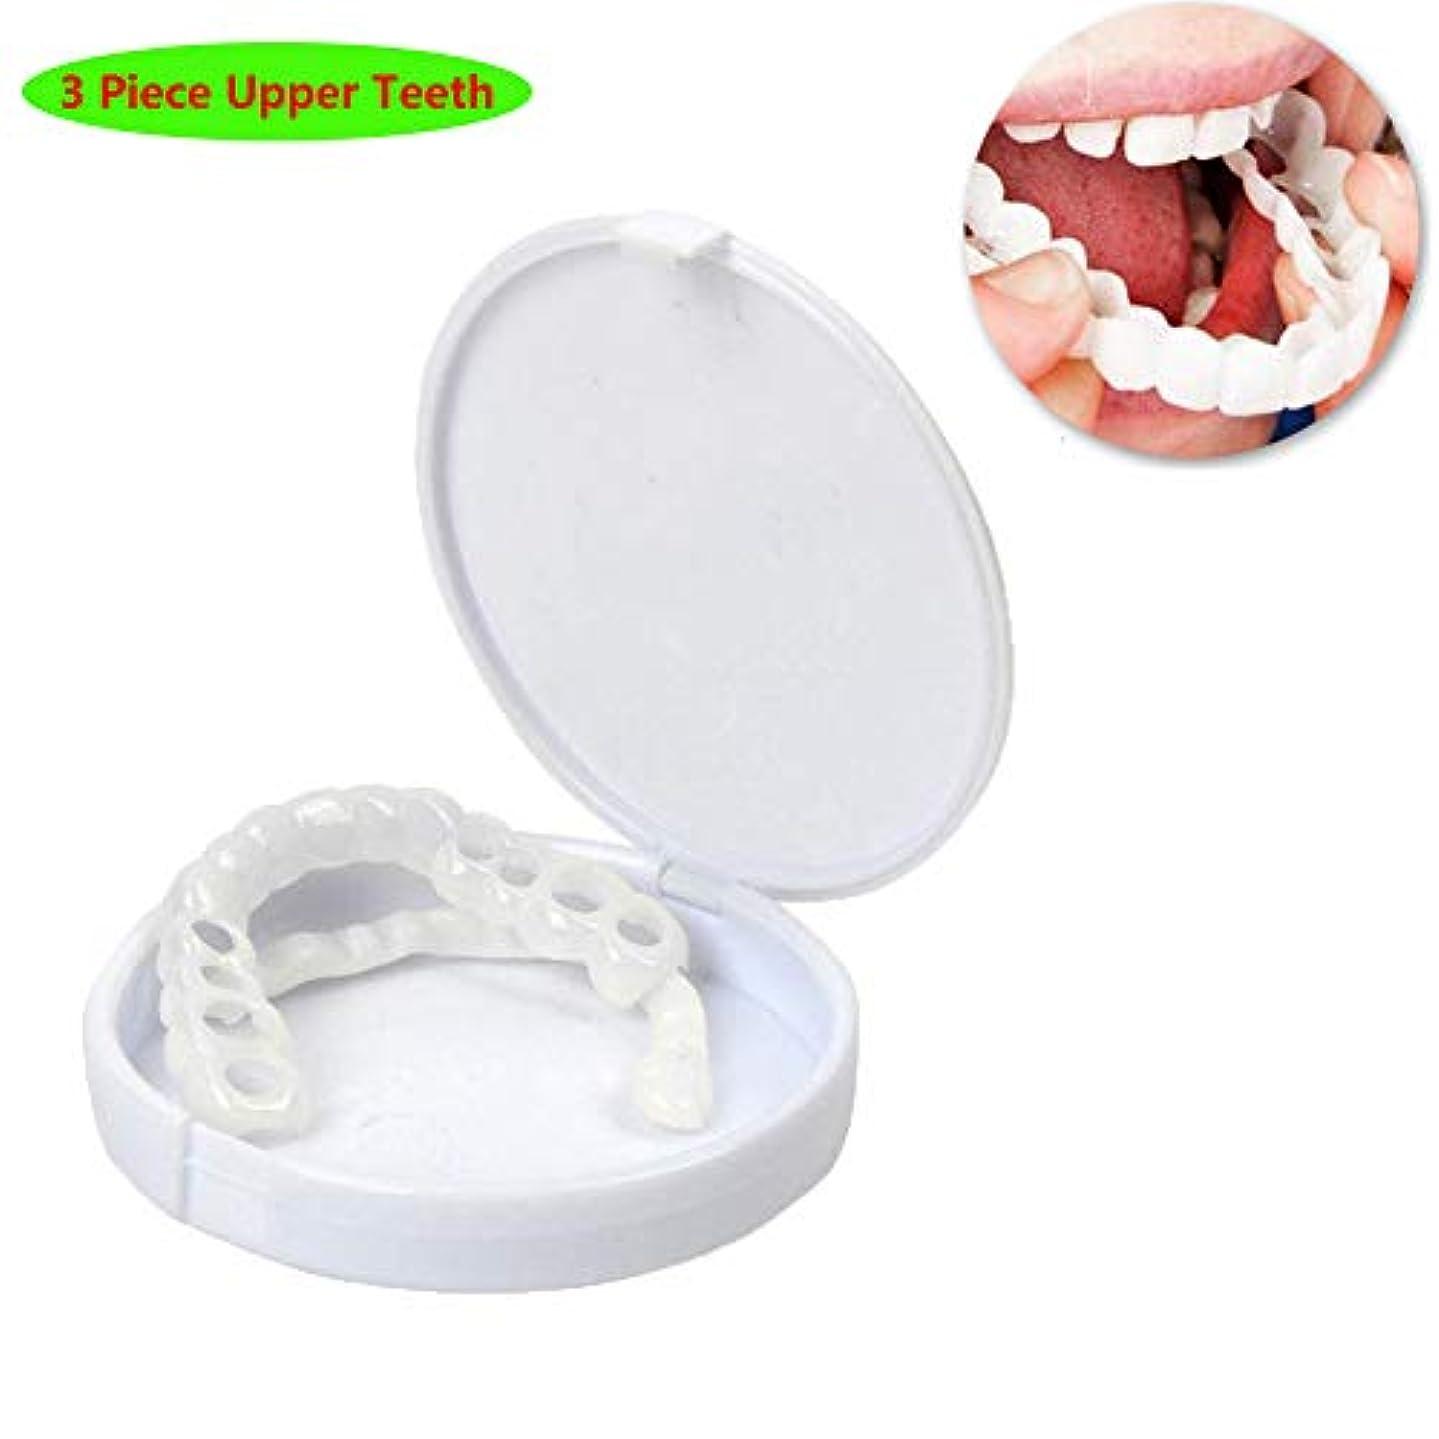 ダッシュナラーバーピース3枚の一時的な化粧品の歯入れ歯の歯の化粧品のシミュレーションの上部の袖口、白くなる歯のスナップの帽子の即刻の慰めの柔らかい完全なベニヤ